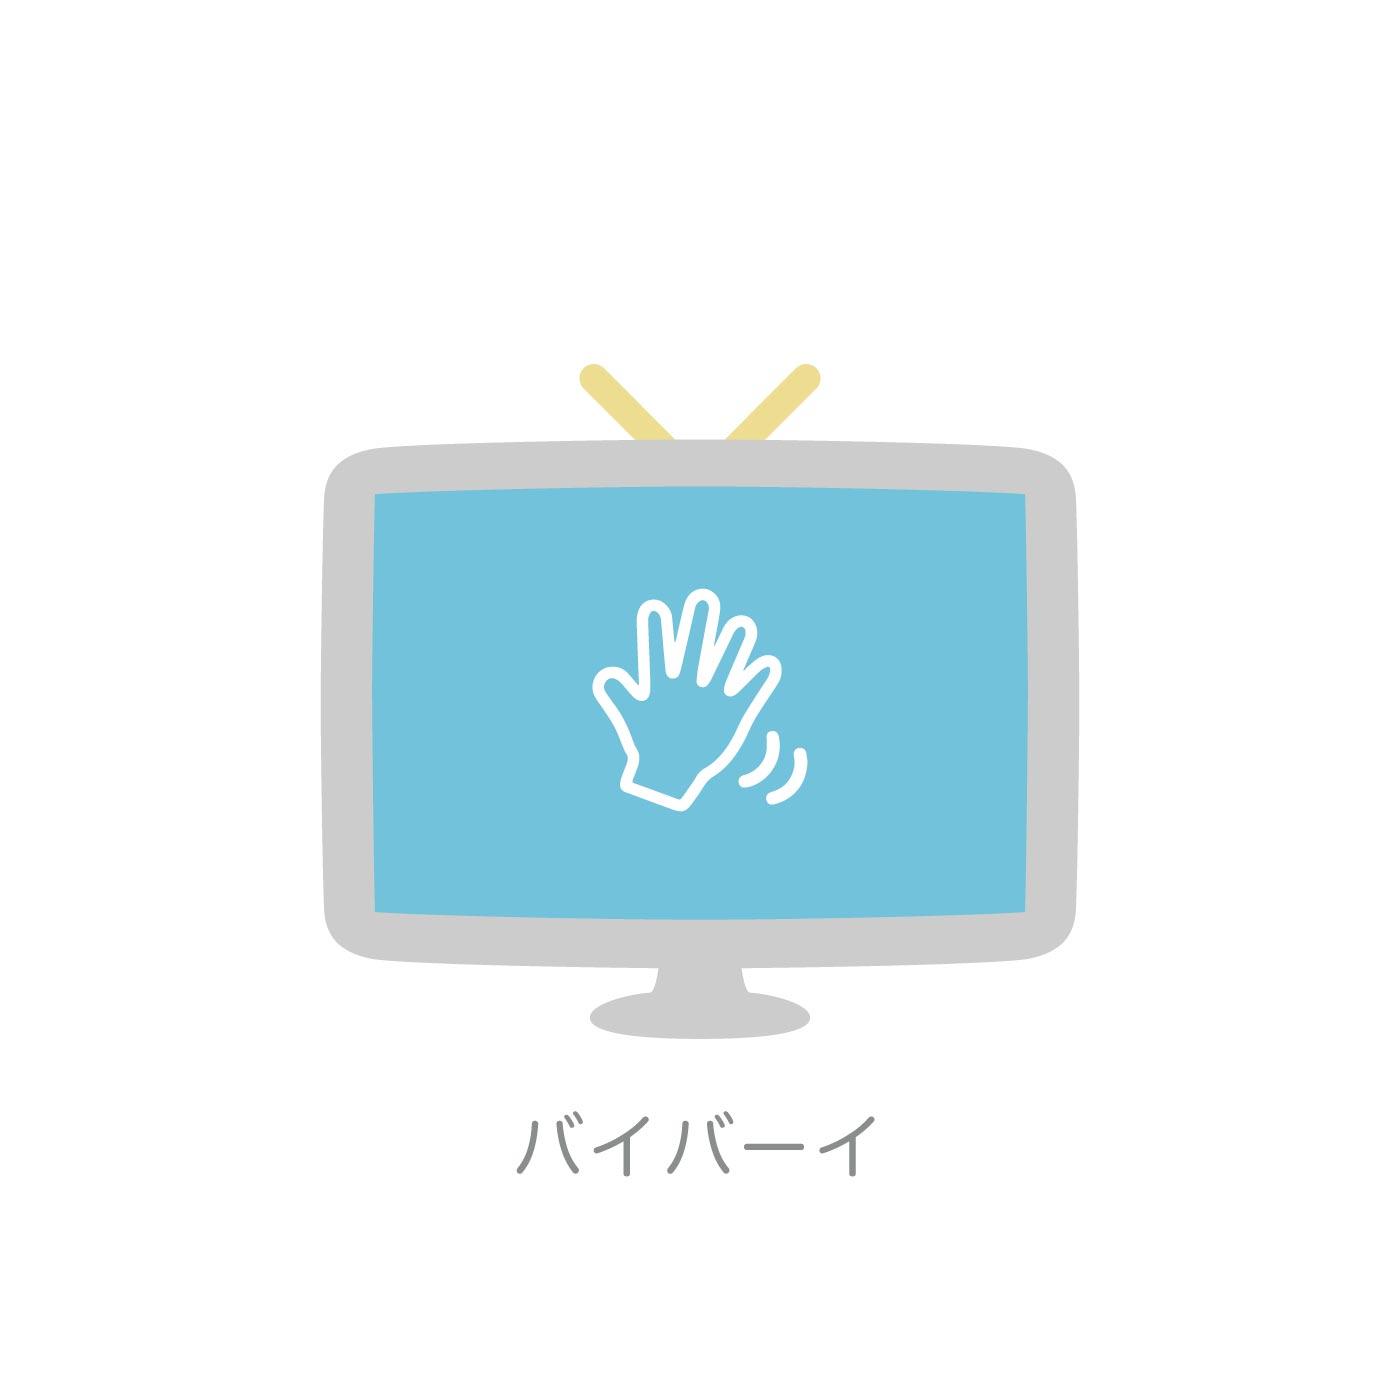 テレビを処分して、人生が豊かになりました。NHK解約→年払いの人は受信料も返ってきますよ。